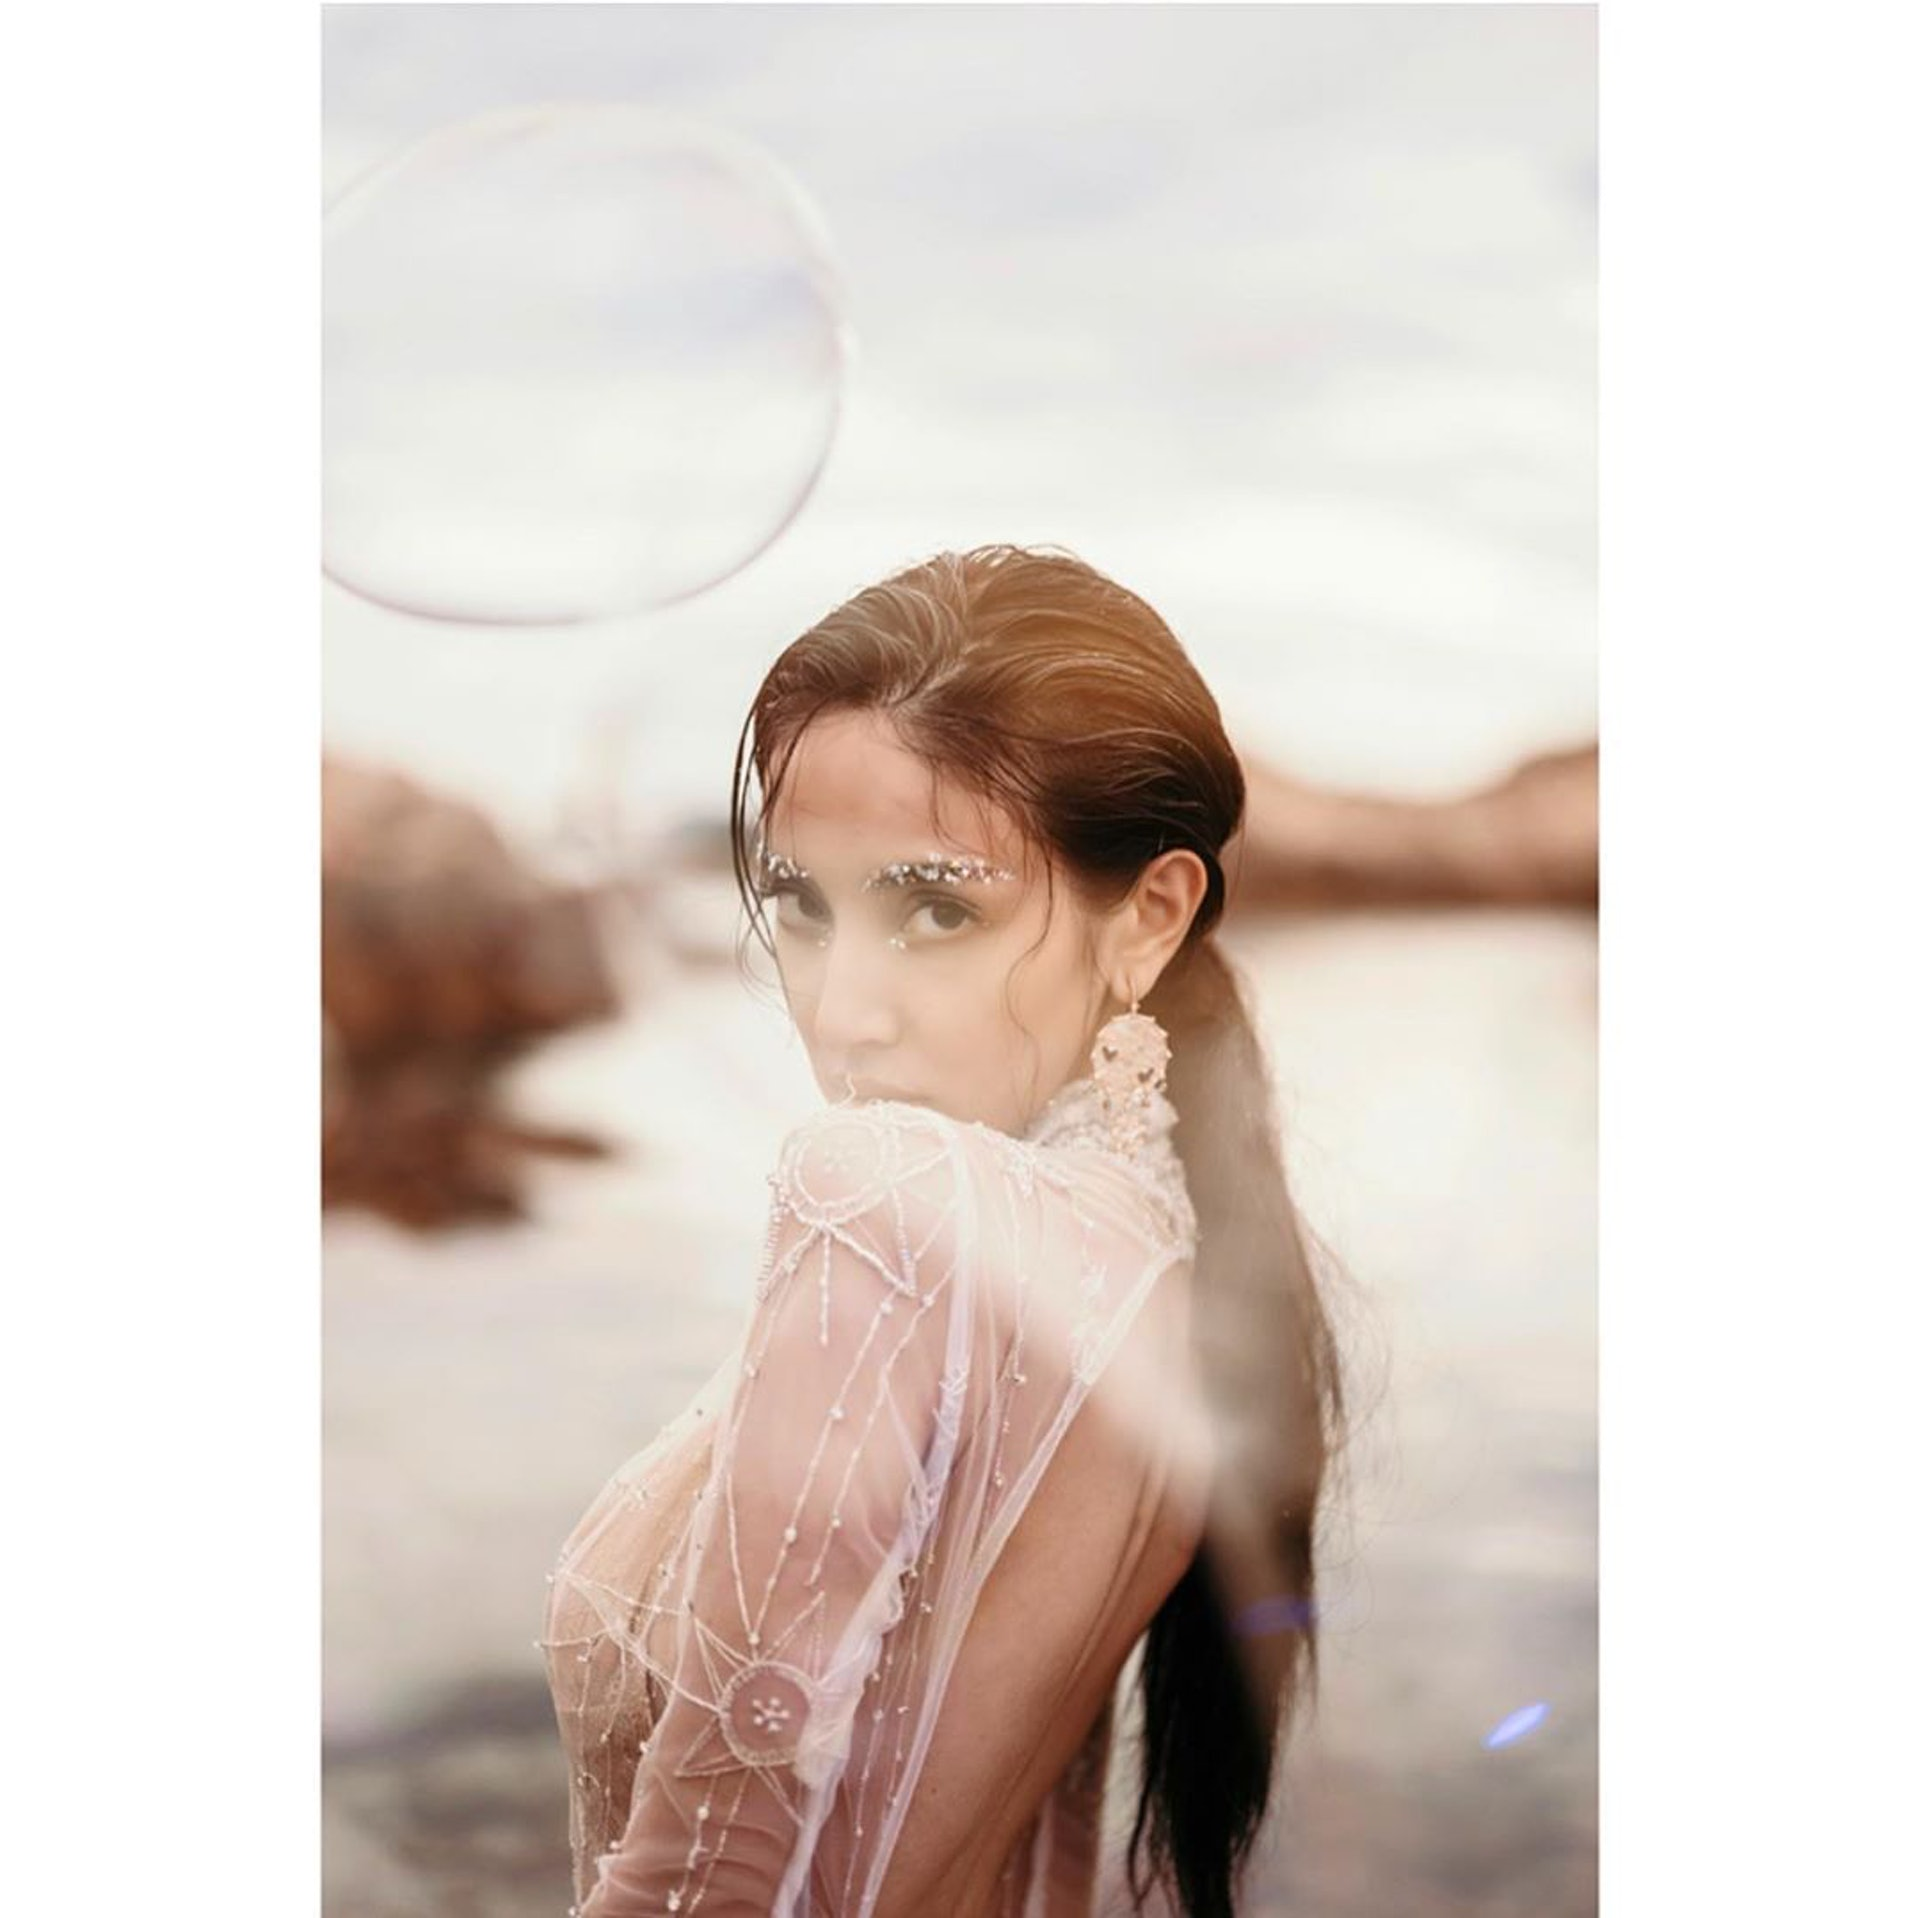 靚媽陳凱琳早前拍下一輯唯美婚紗照來紀念人生重要的時刻。(IG/ @ghlchan)